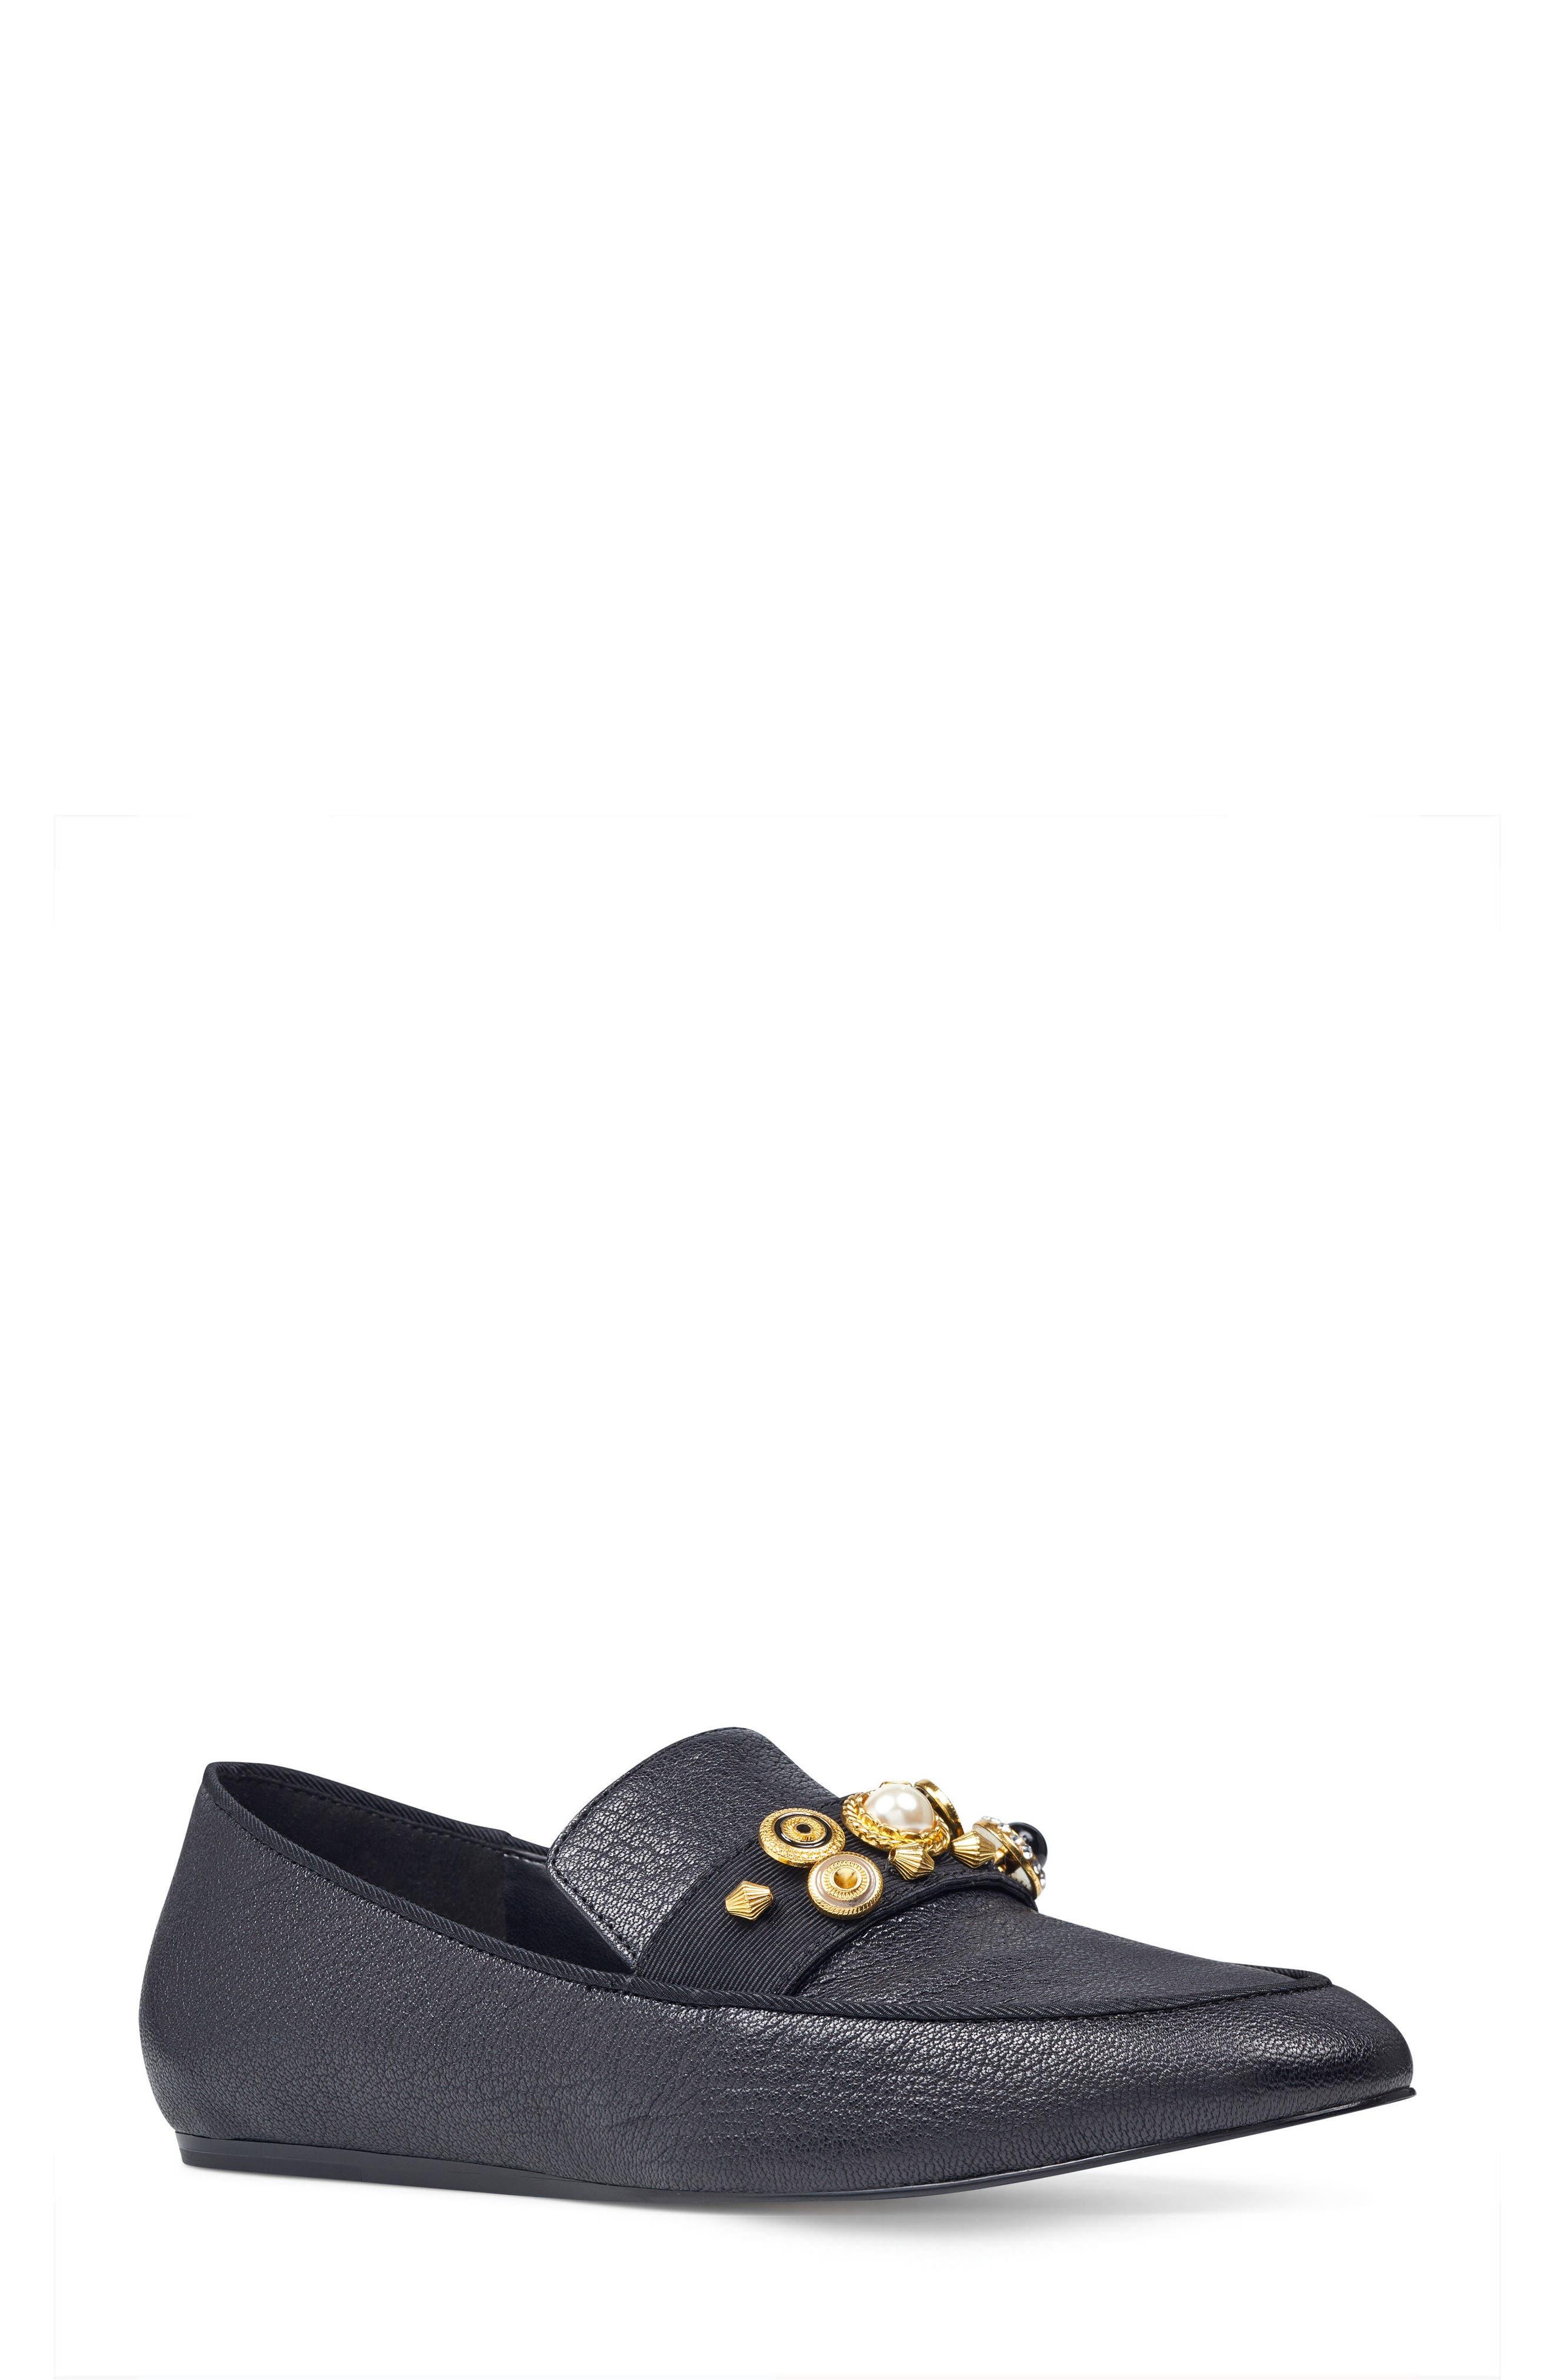 Baus Loafer Flat,                         Main,                         color, Black/ Black Leather